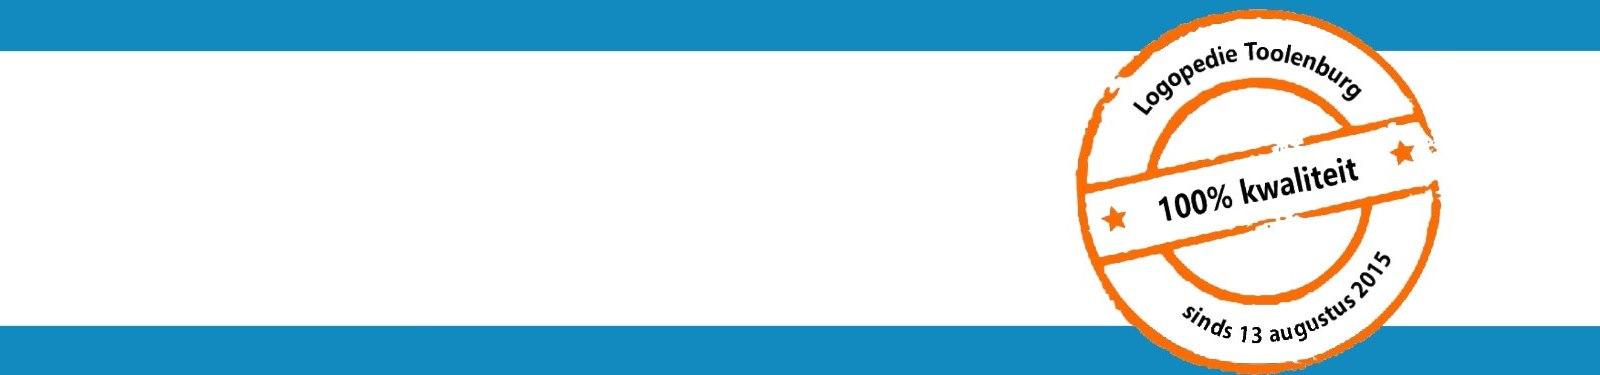 Ook in 2019 levert Logopedie Toolenburg kwaliteit!